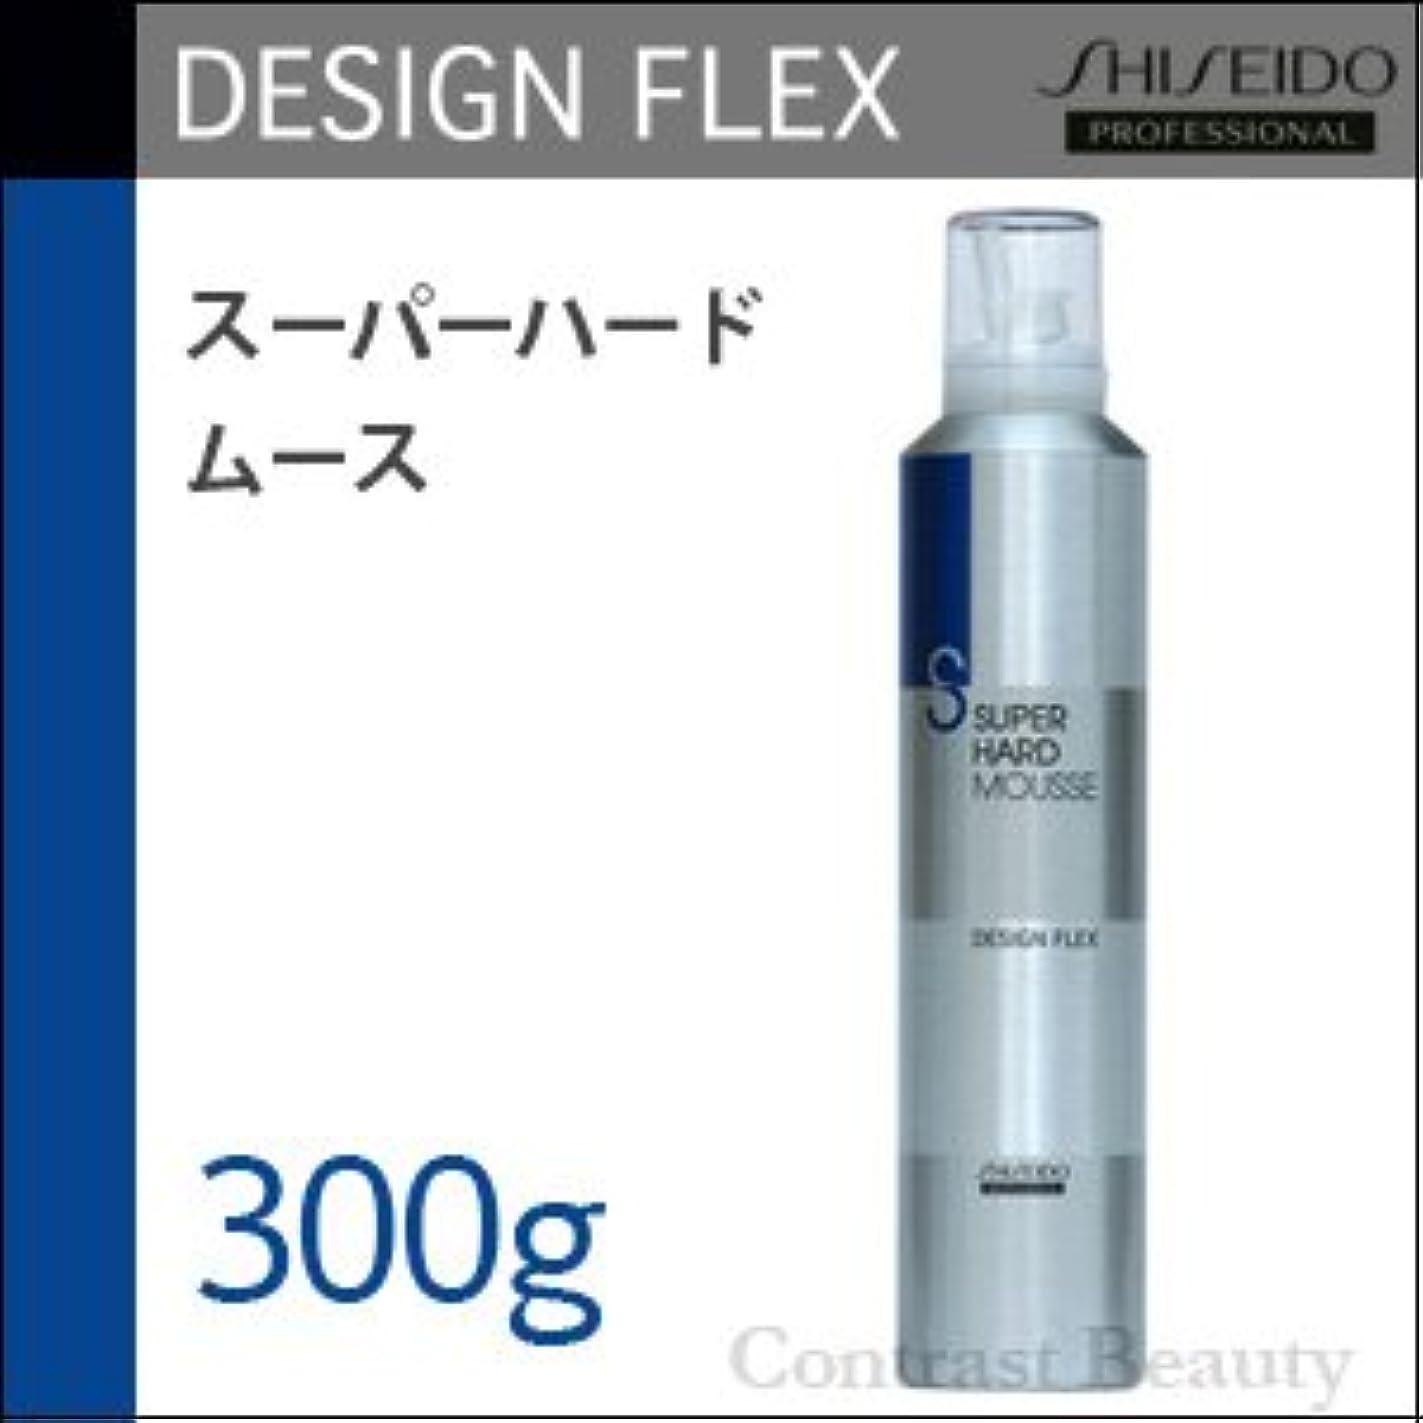 セットアップファランクスインペリアル【x2個セット】 資生堂 デザインフレックス スーパーハードムース 300g